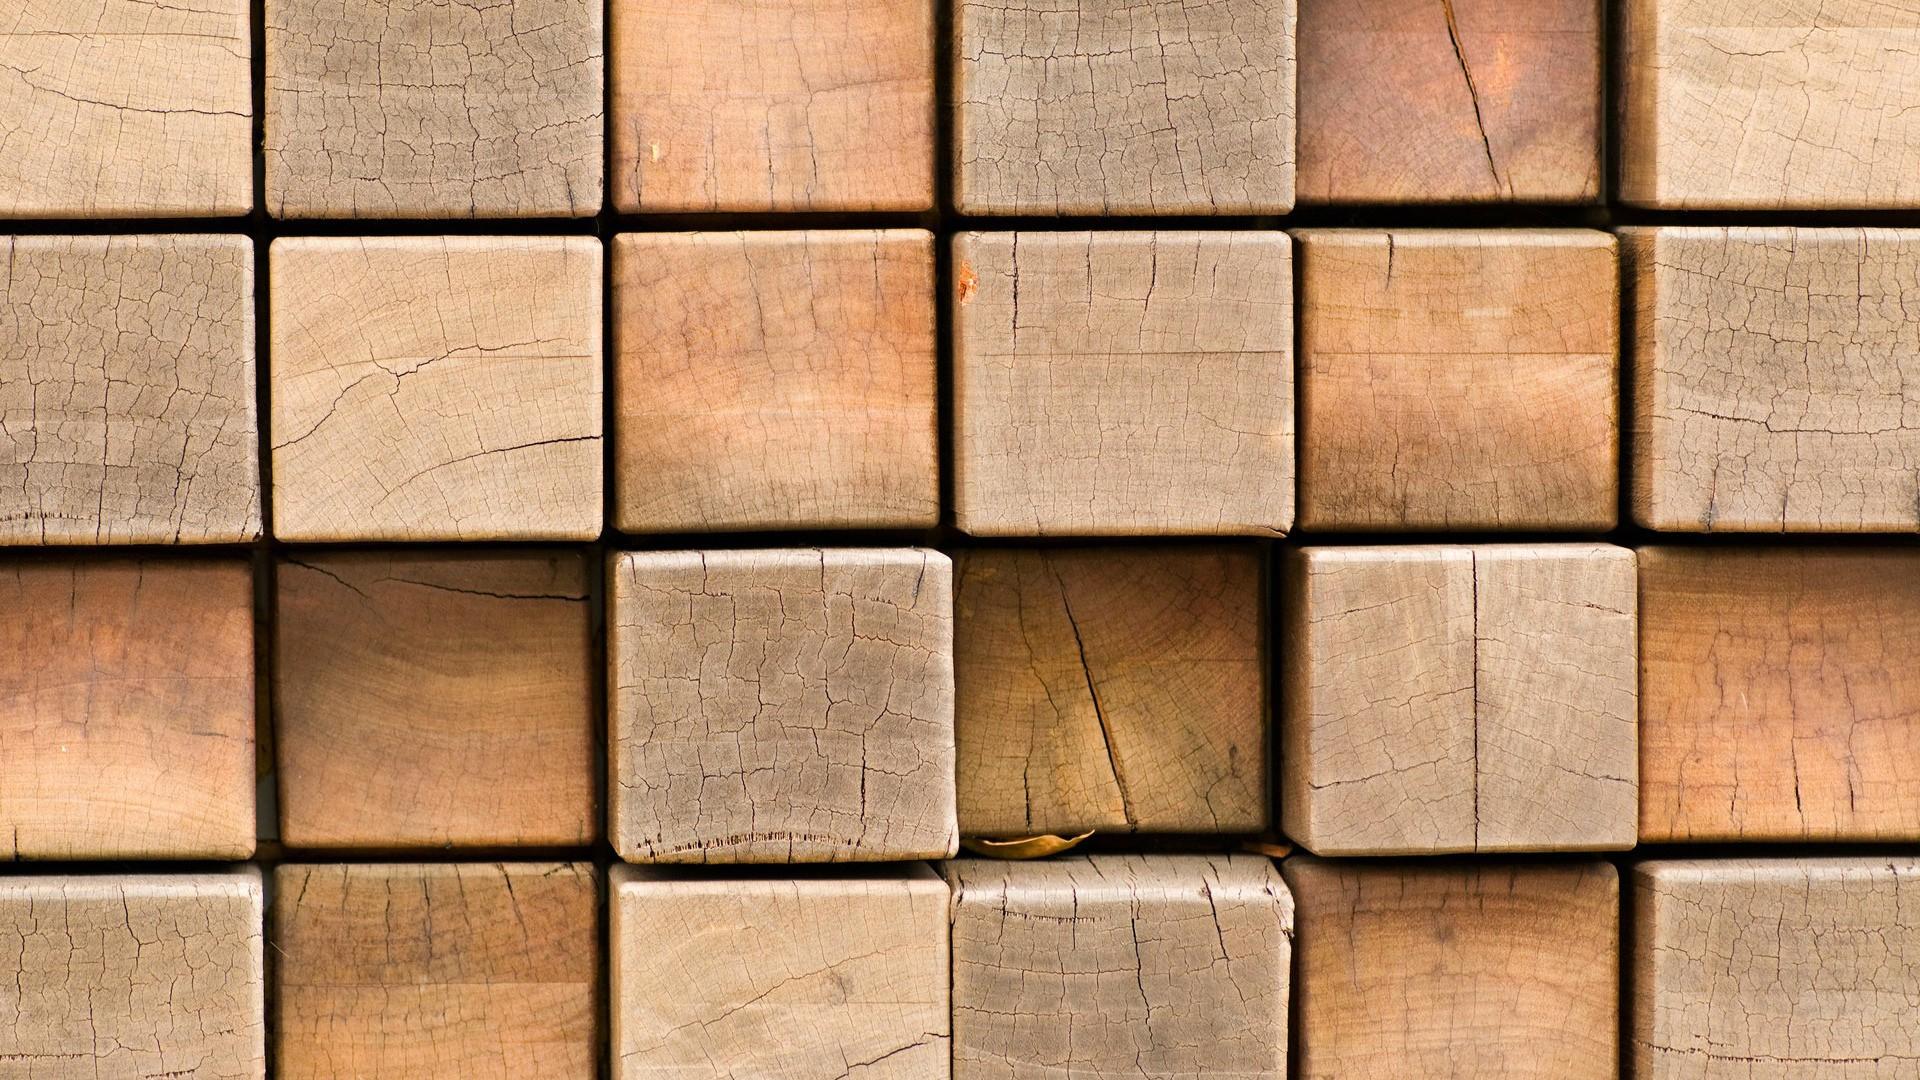 デスクトップ壁紙 壁 木材 対称 立方体 単純な パターン テクスチャ サークル タイル コレクション アート 材料 設計 ライン 広葉樹 床材 木目 レンガ造り 19x1080 Crismblog デスクトップ壁紙 Wallhere